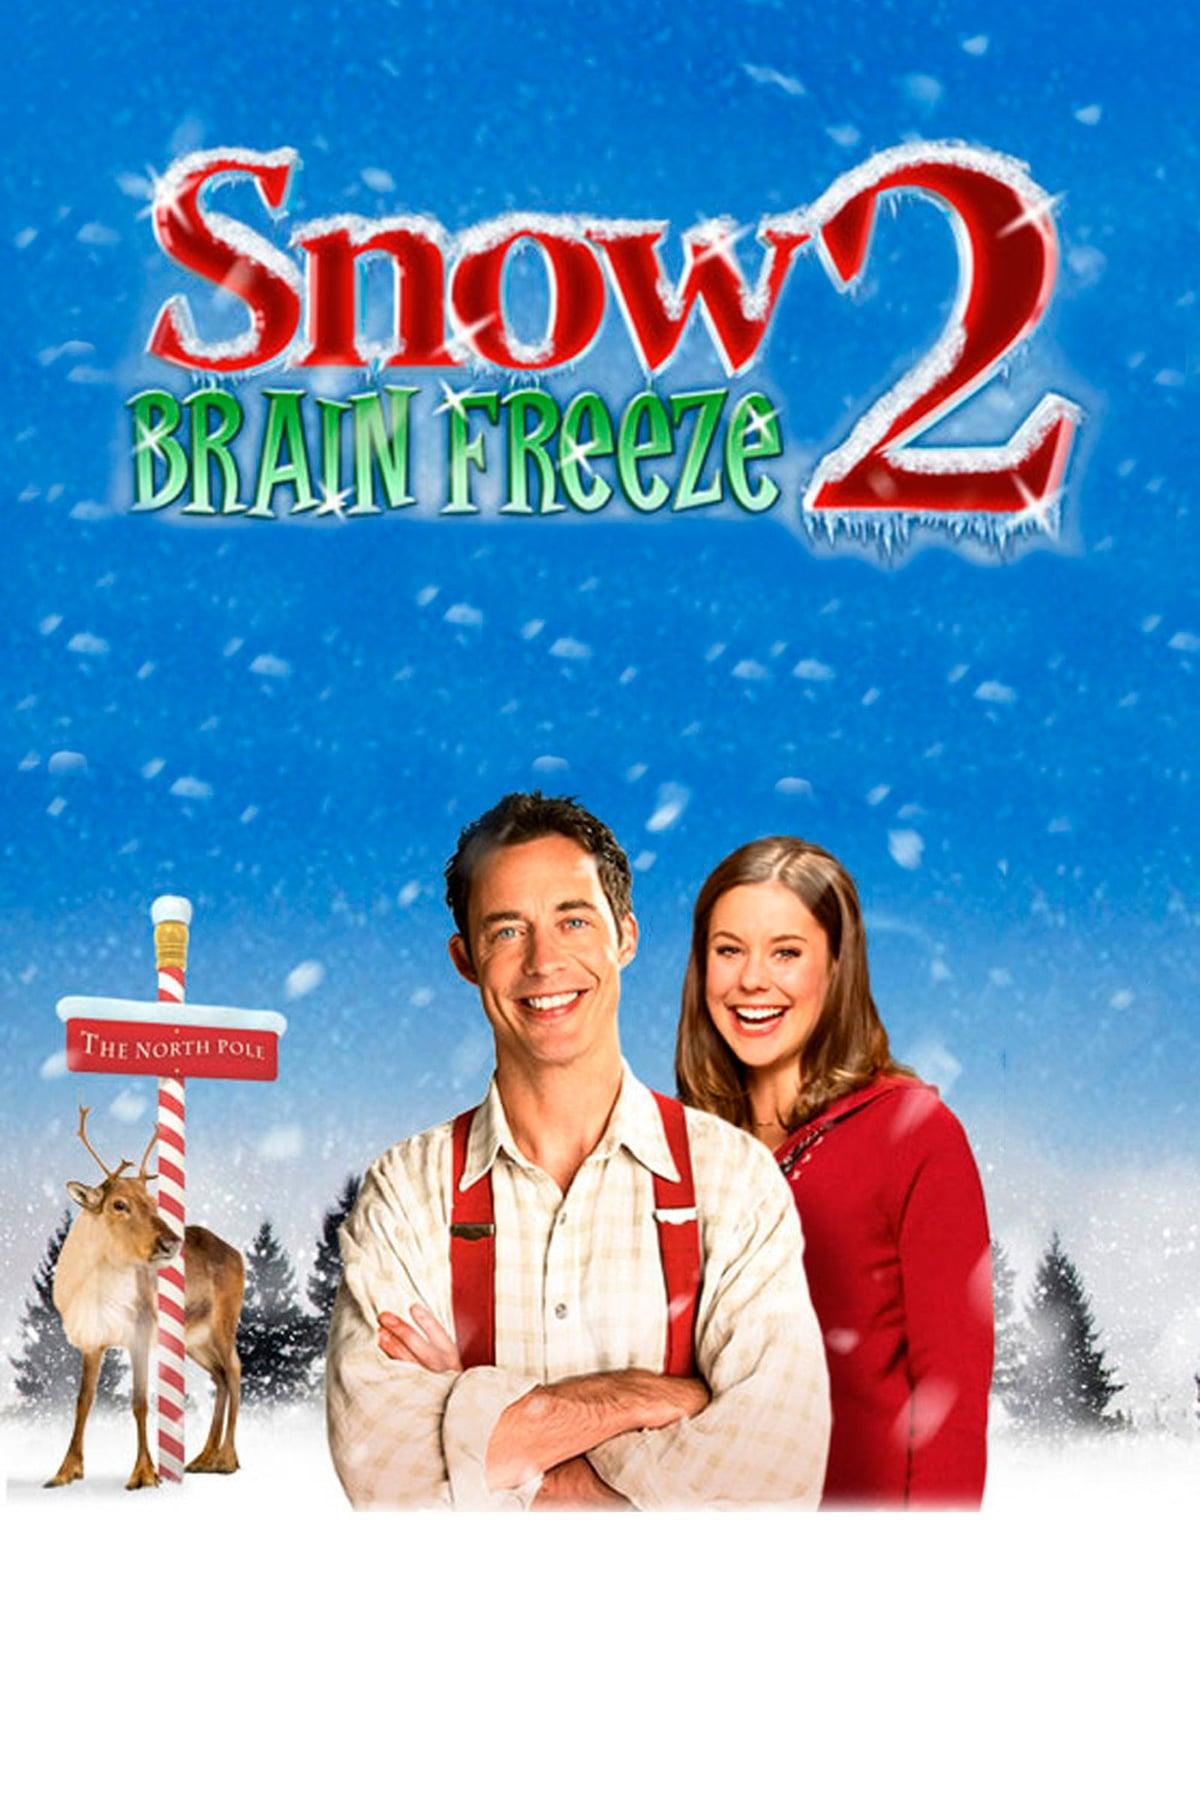 Snow 2: Brain Freeze